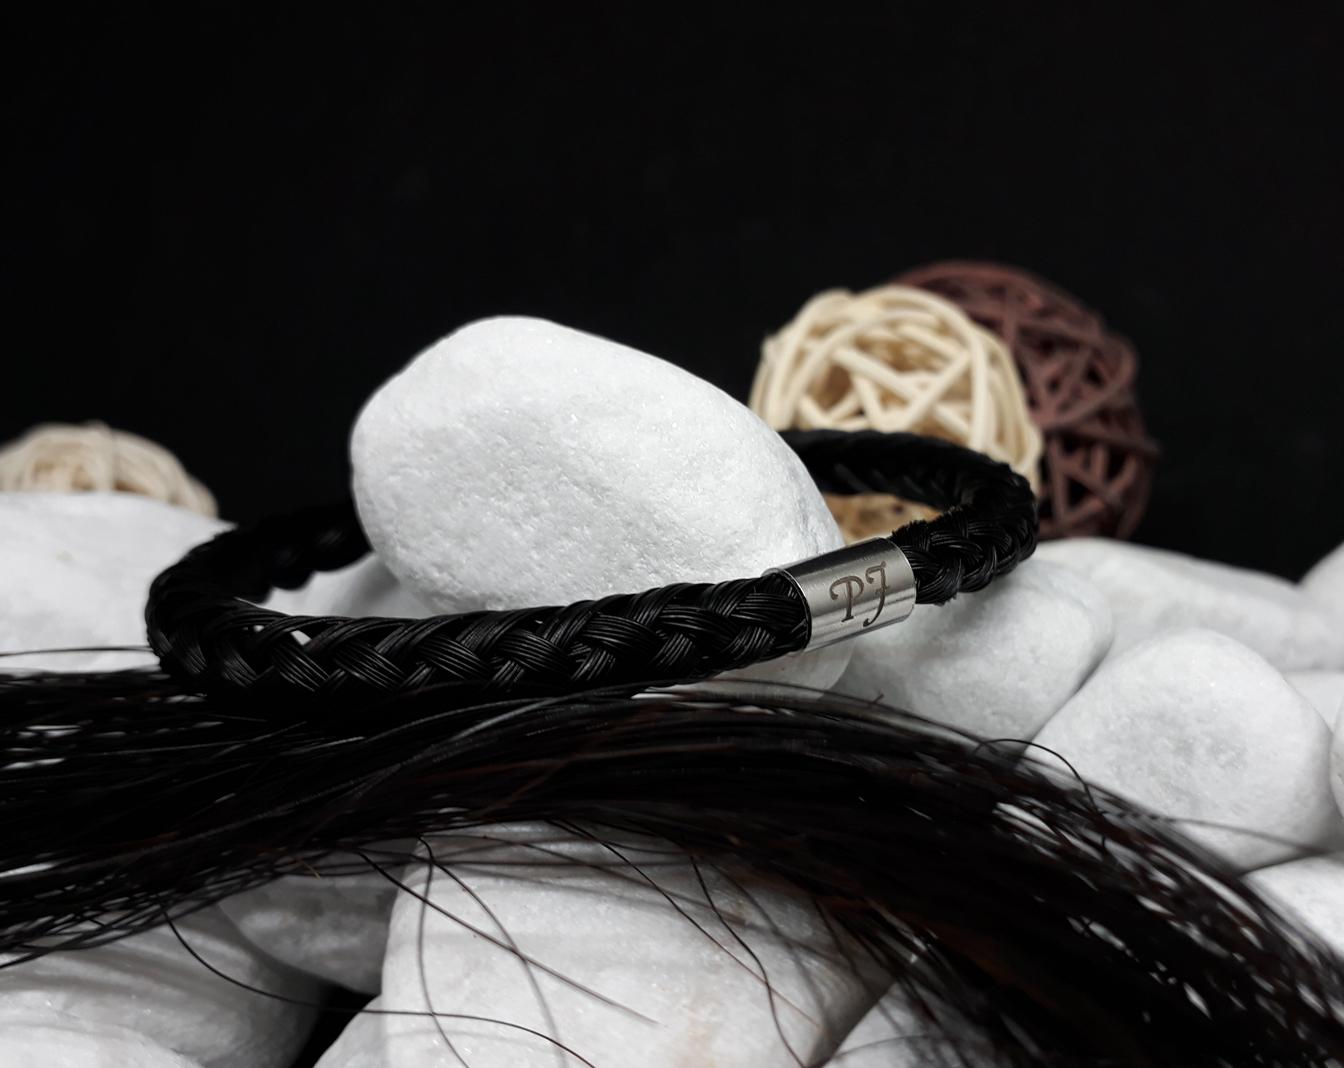 R8-Gravur-Edelstahlhülse (dick): Rund geflochtenes Armband aus 8 schwarzen Strängen mit einer dicken Edelstahlhülse mit Gravur - mit Edelstahl-Bajonettverschluss - Preis: 64 Euro